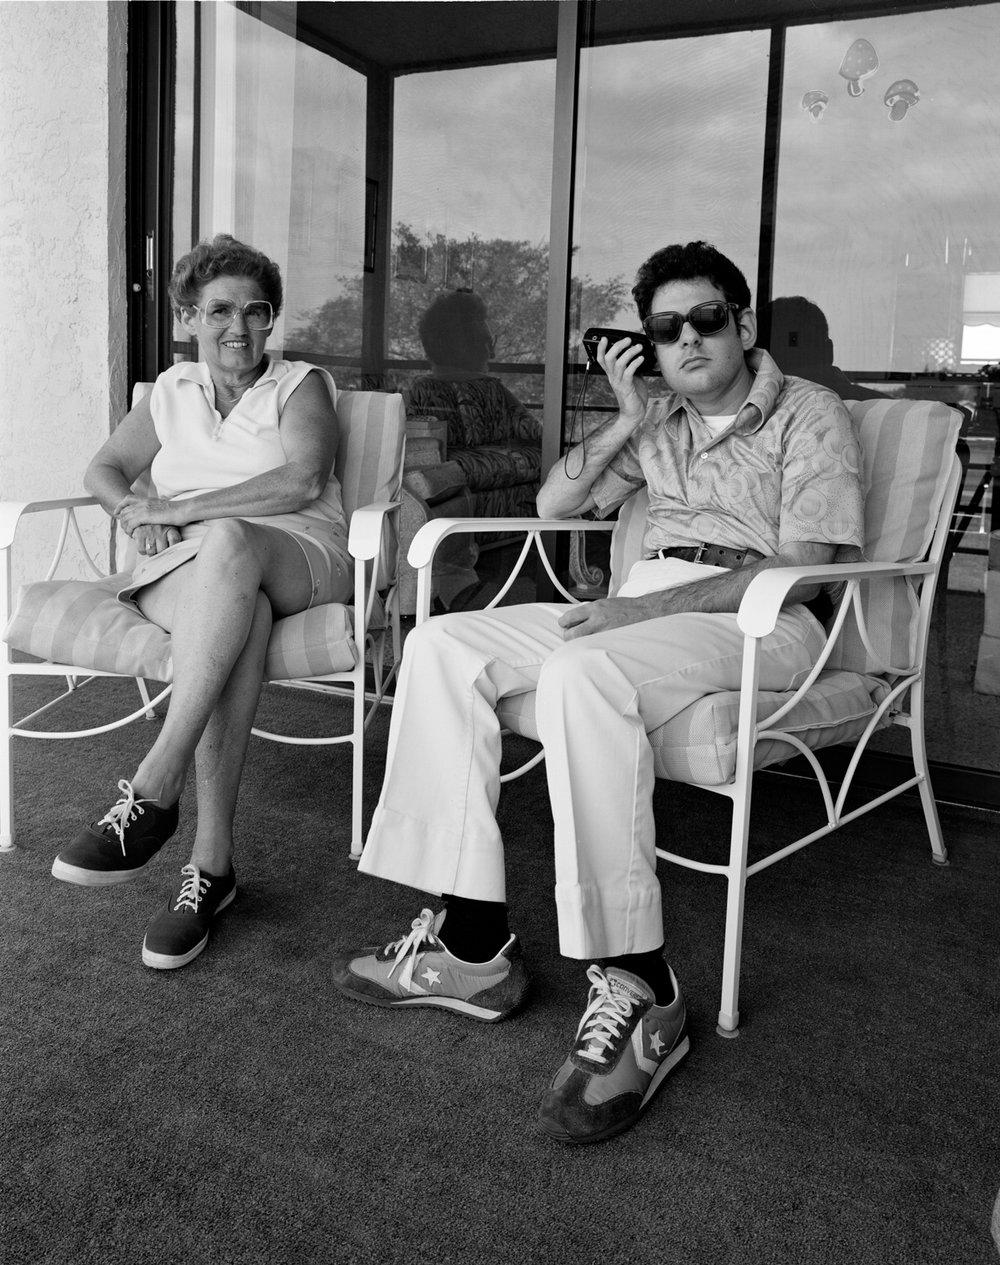 Ann & Gary Friedman, Houston, TX, 1980